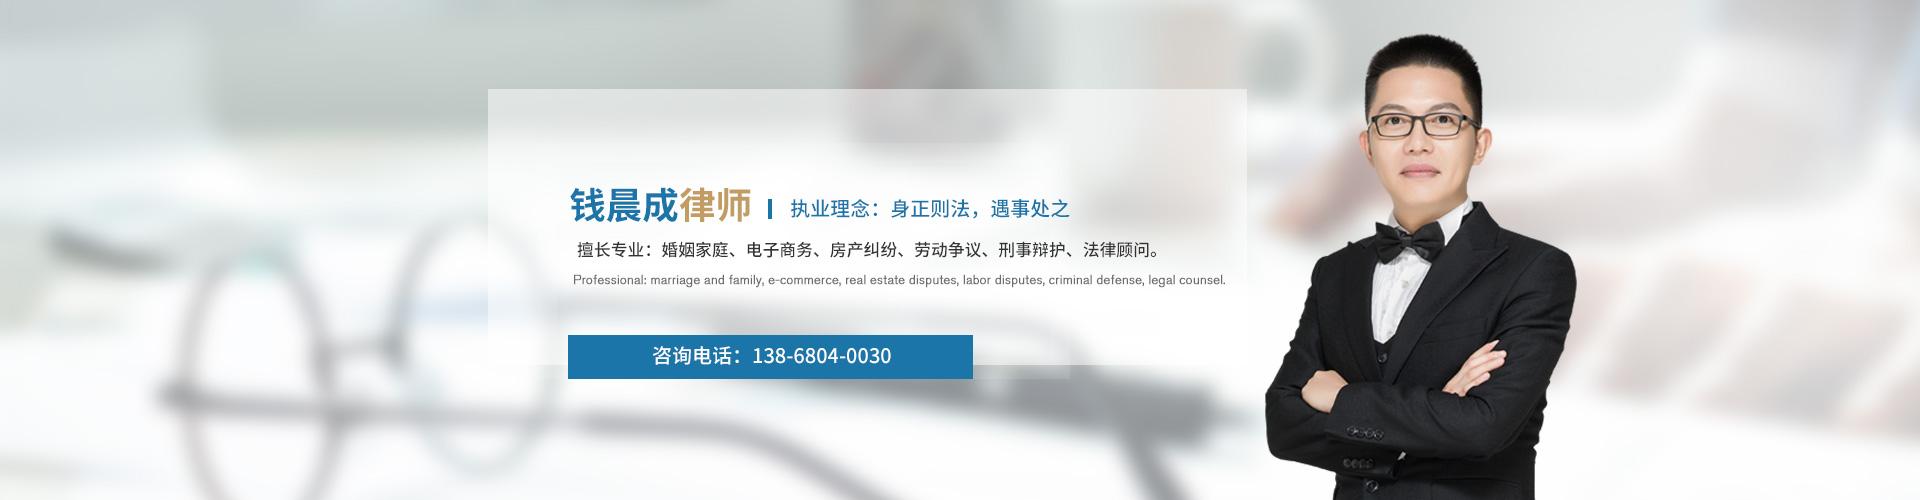 钱晨成律师